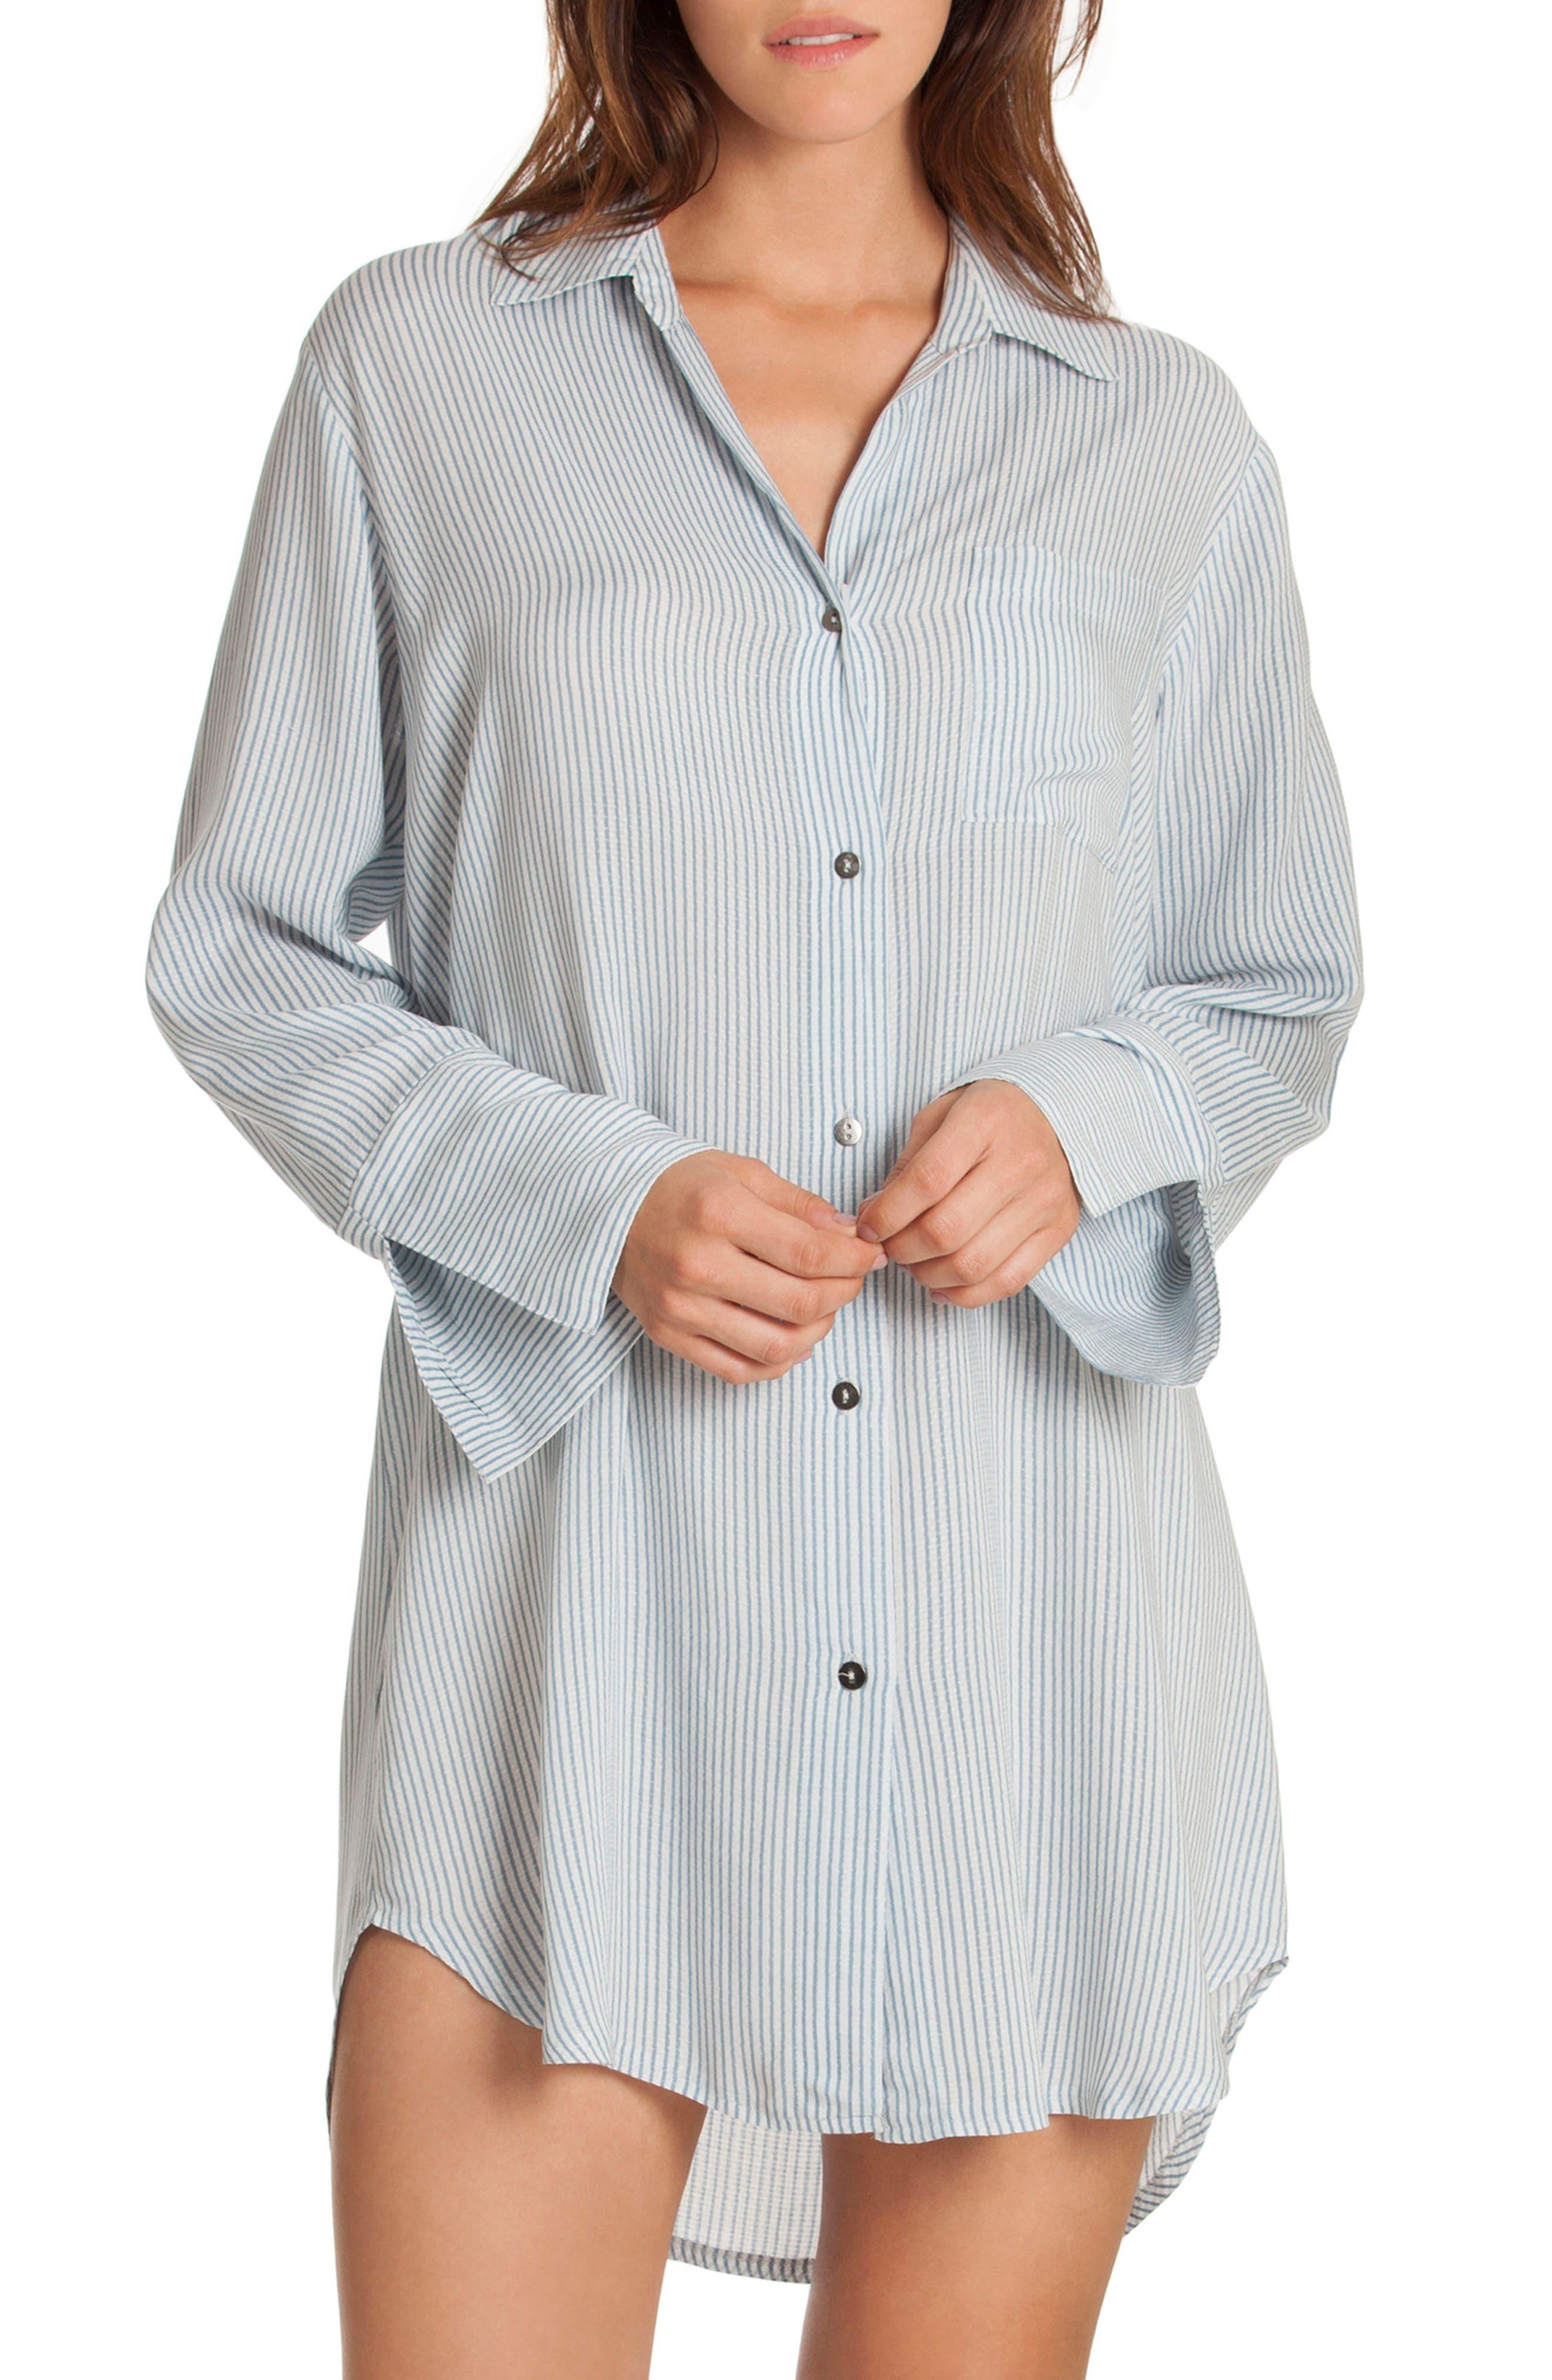 Sleep Shirt,                             Main thumbnail 1, color,                             Denim Stripe